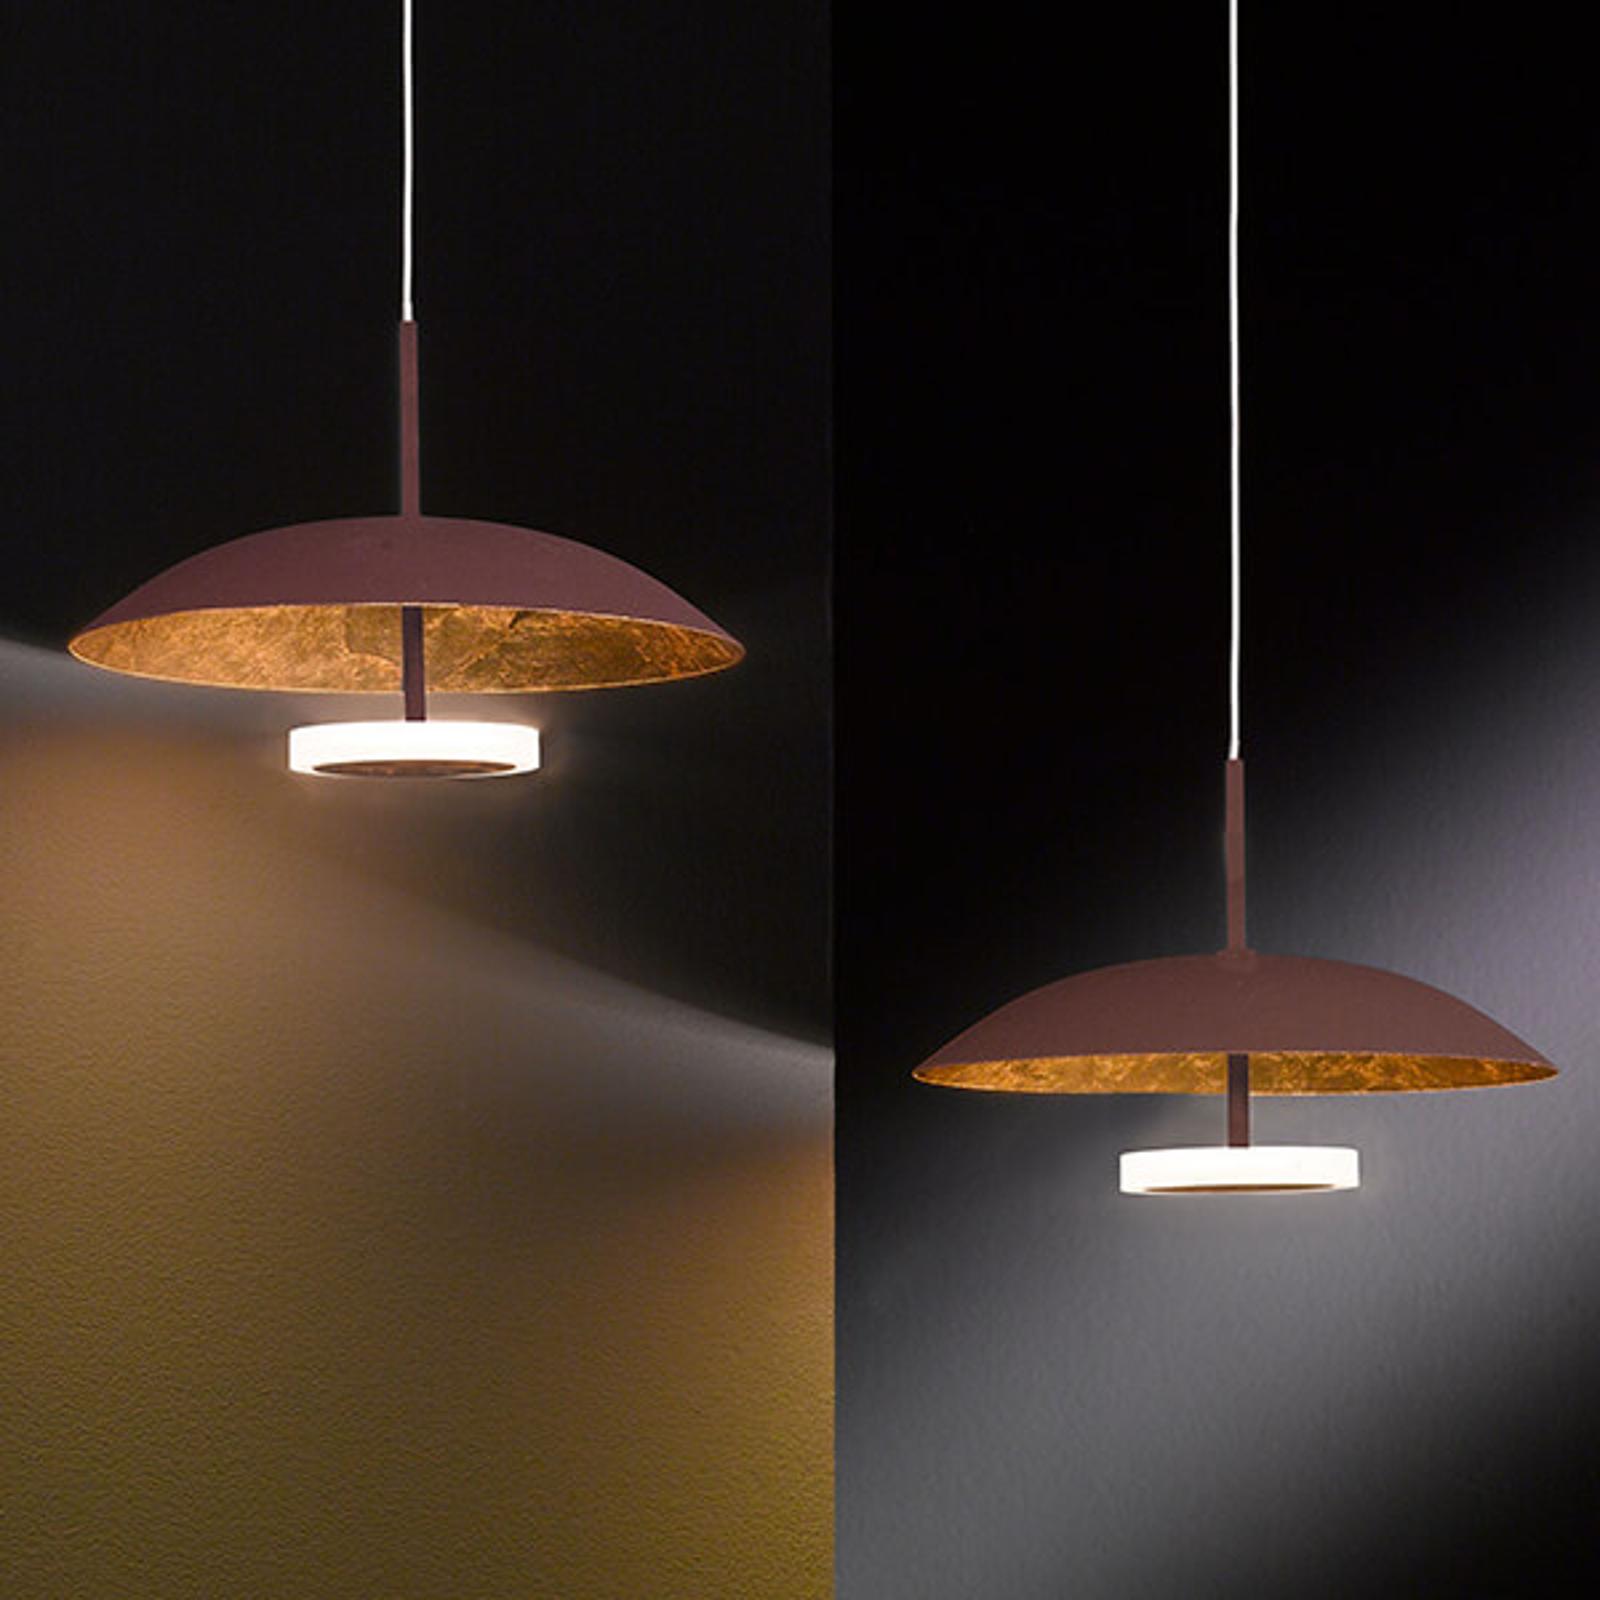 Pierre - złoto-brązowa lampa wisząca LED, 2-pkt.